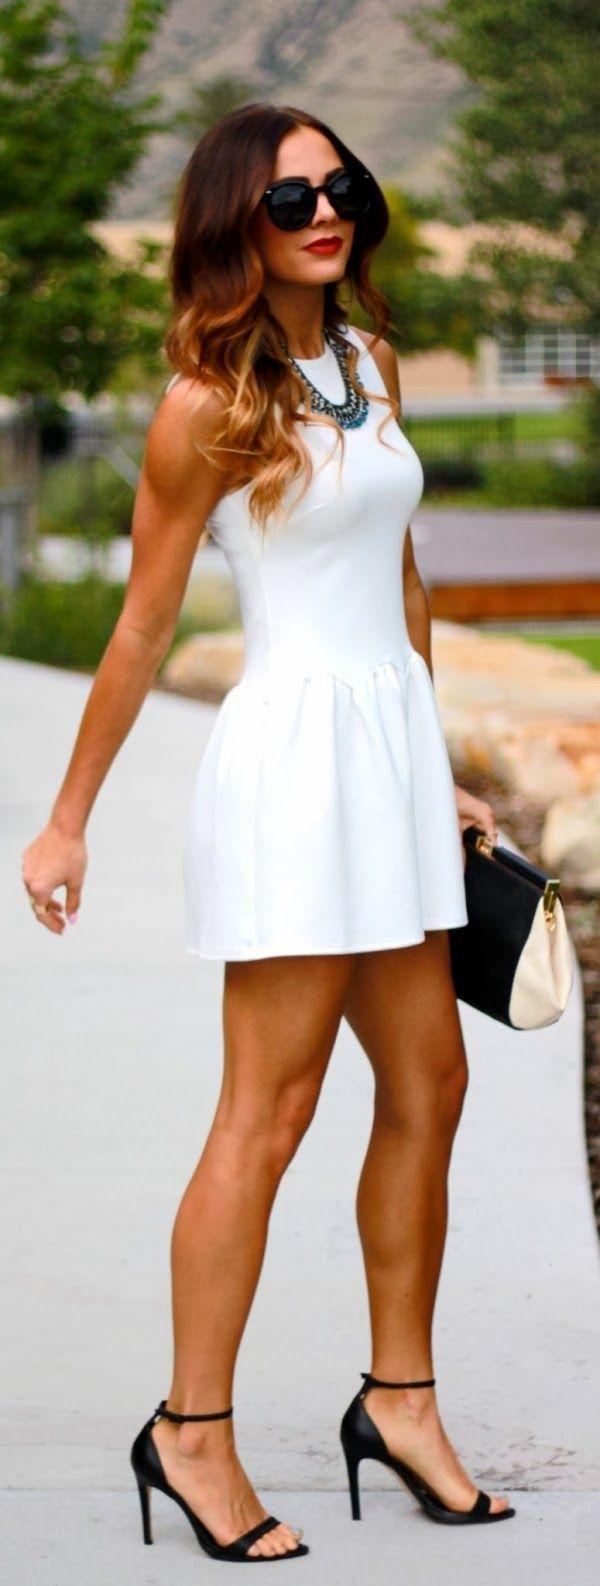 39c120b5fbae Vestido corto entallado blanco mini. bolso clásico en blanco negro a ...